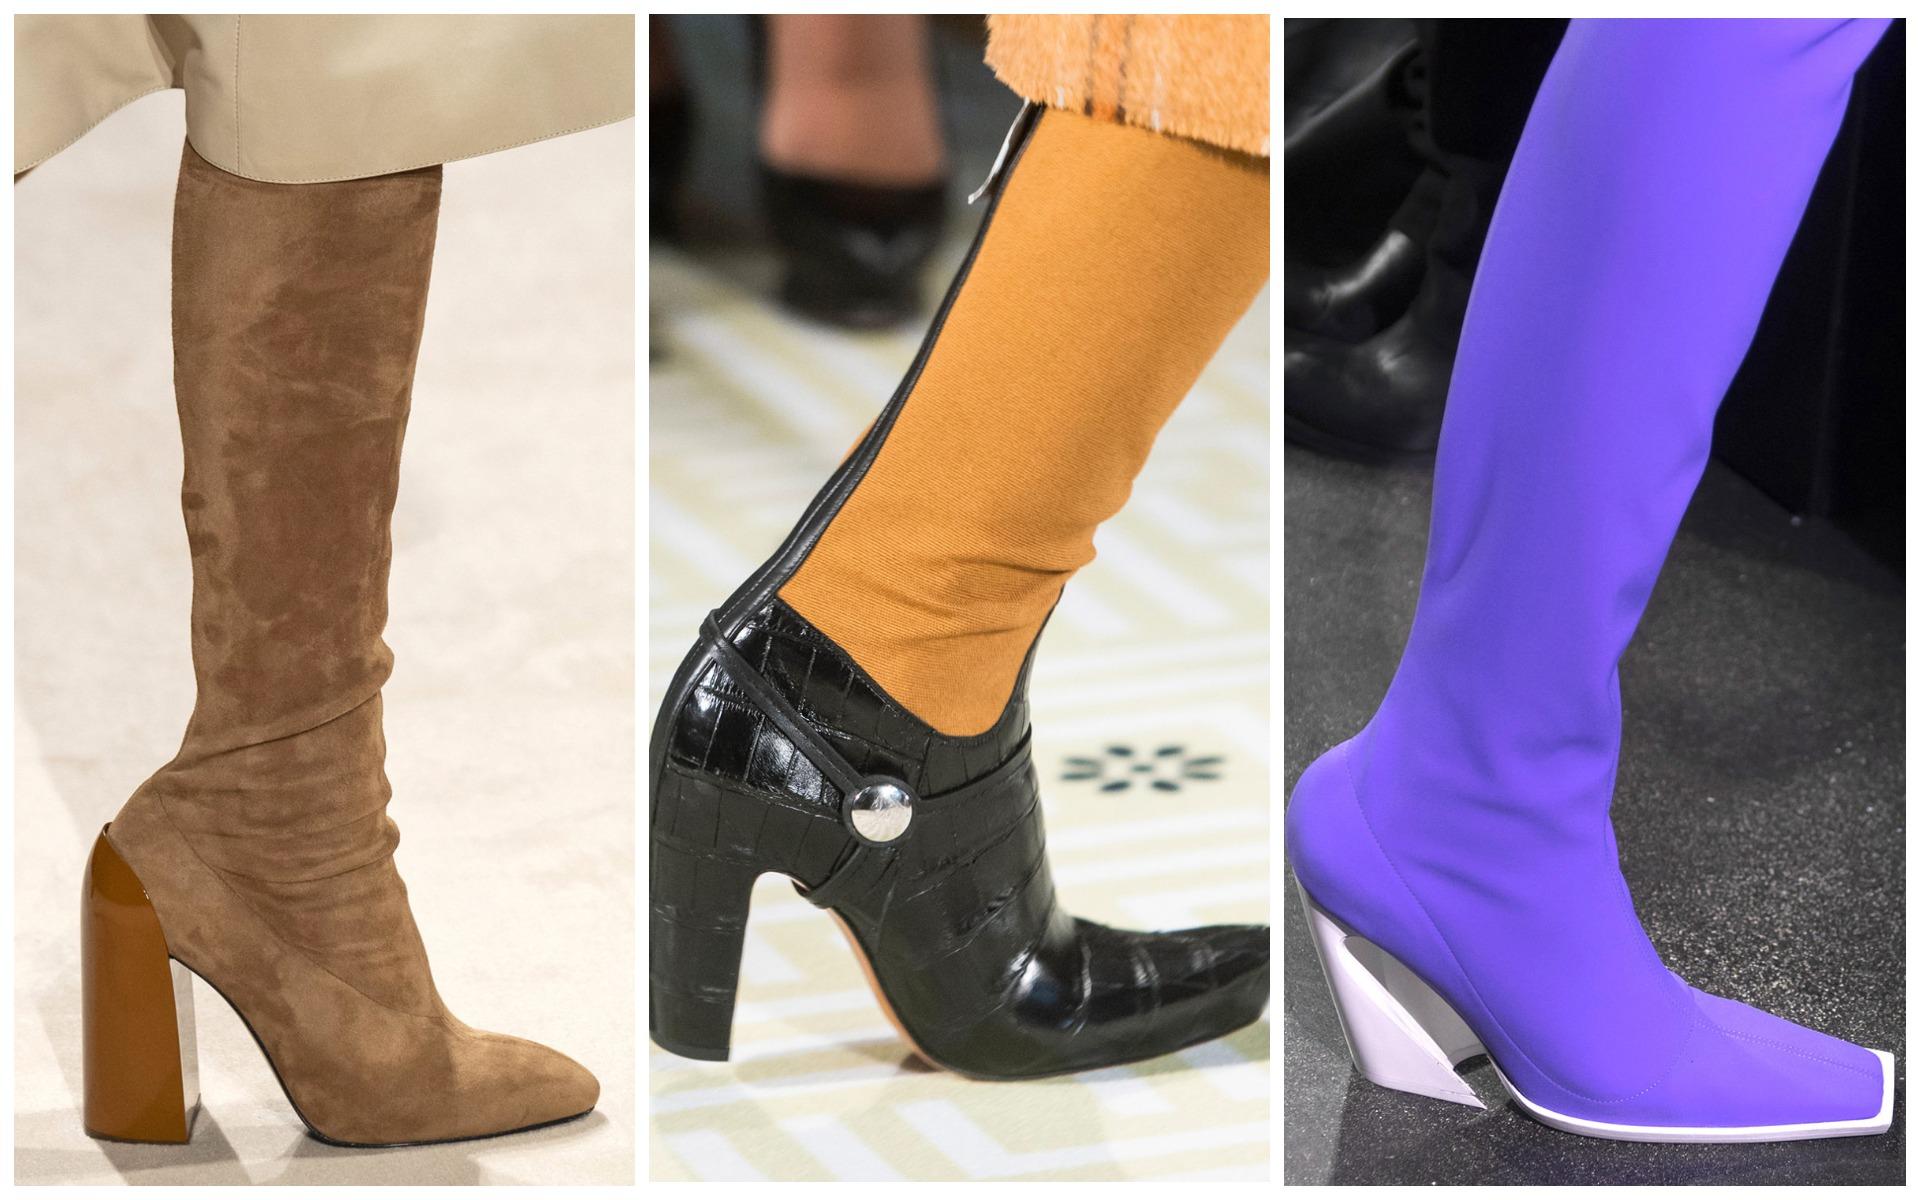 Сапоги-чулки - сексуальная и смелая обувь